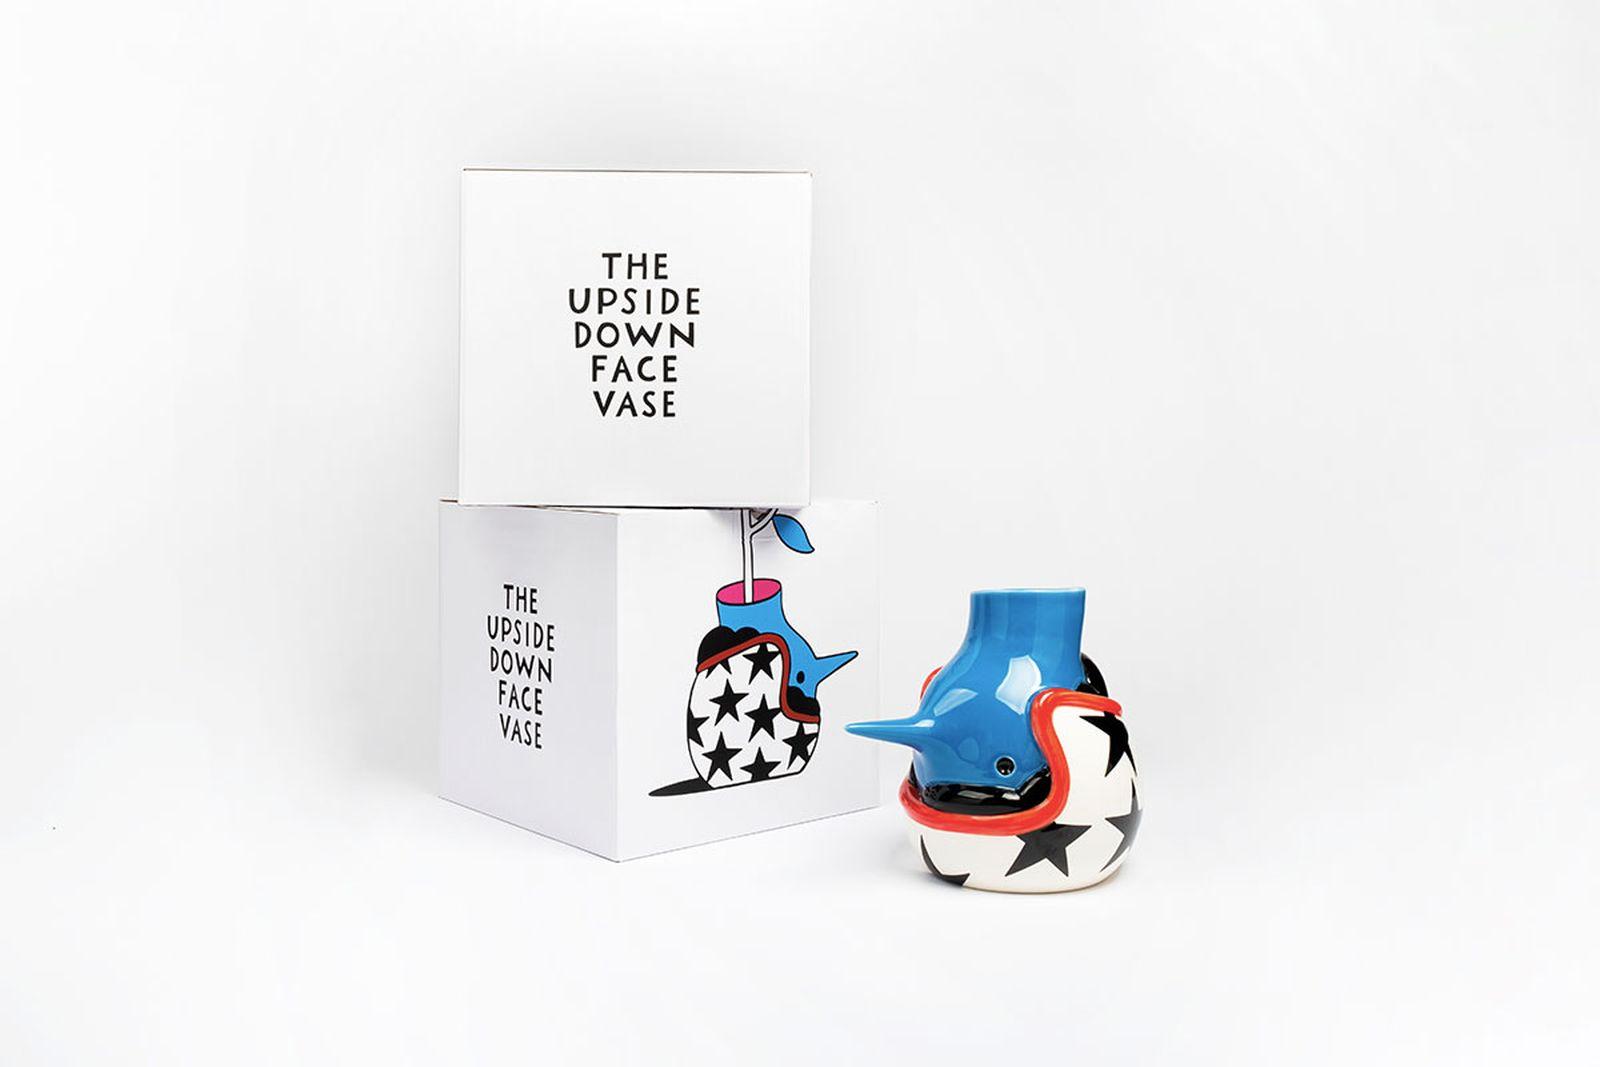 parra-upside-down-helmet-face-vase-annoucement-01